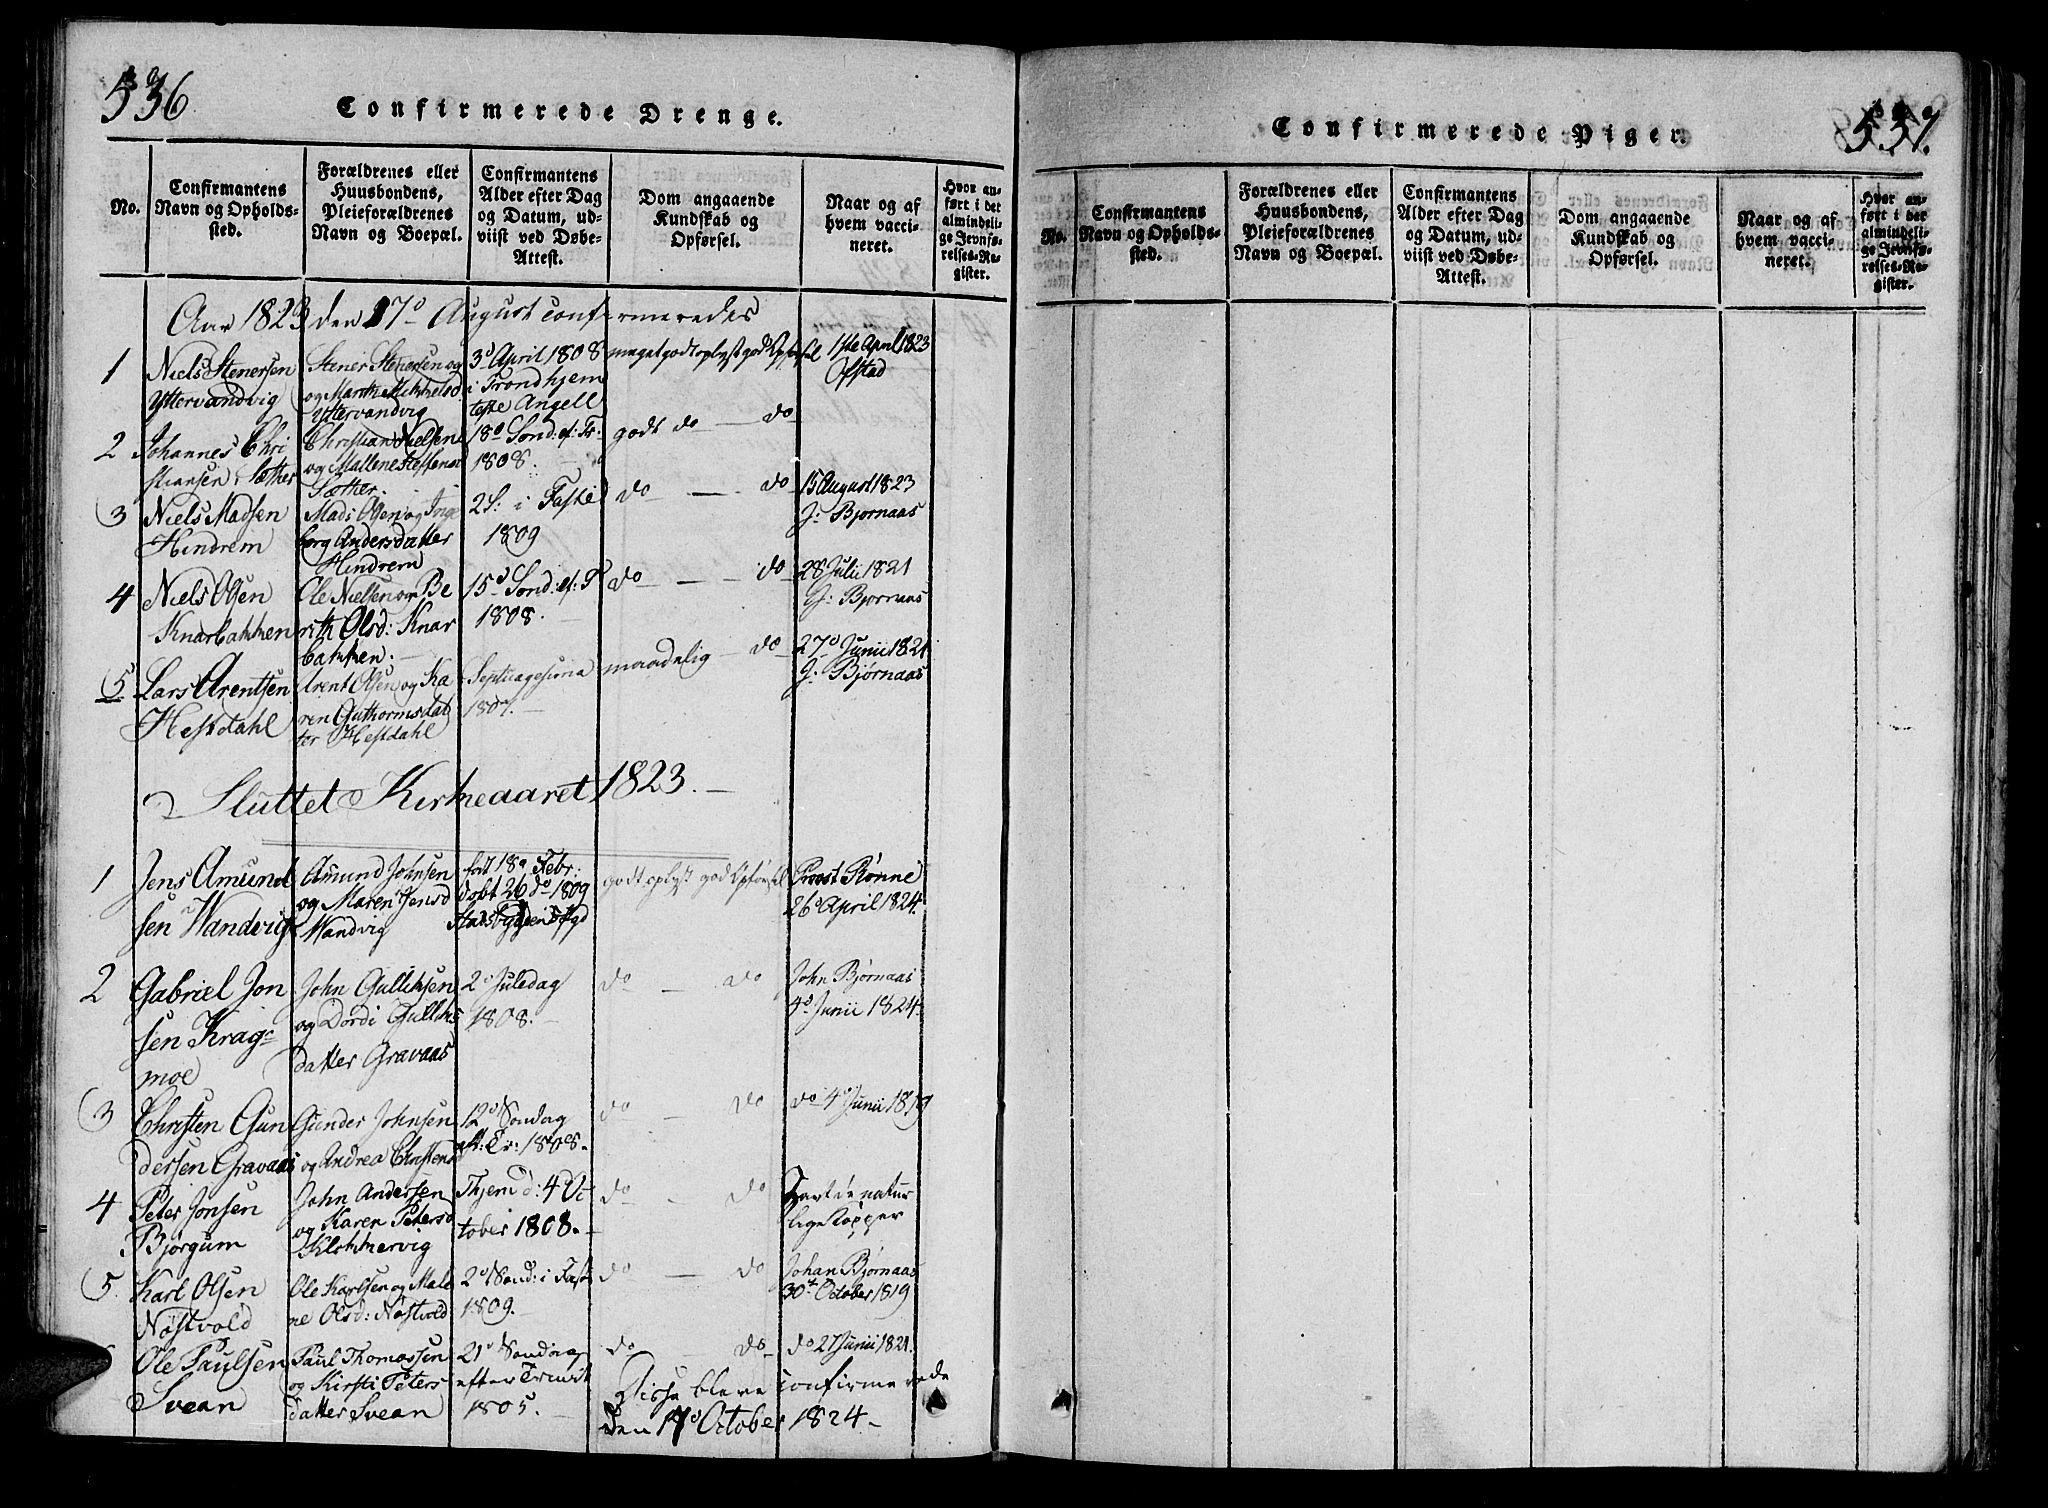 SAT, Ministerialprotokoller, klokkerbøker og fødselsregistre - Nord-Trøndelag, 701/L0005: Ministerialbok nr. 701A05 /2, 1816-1825, s. 536-537